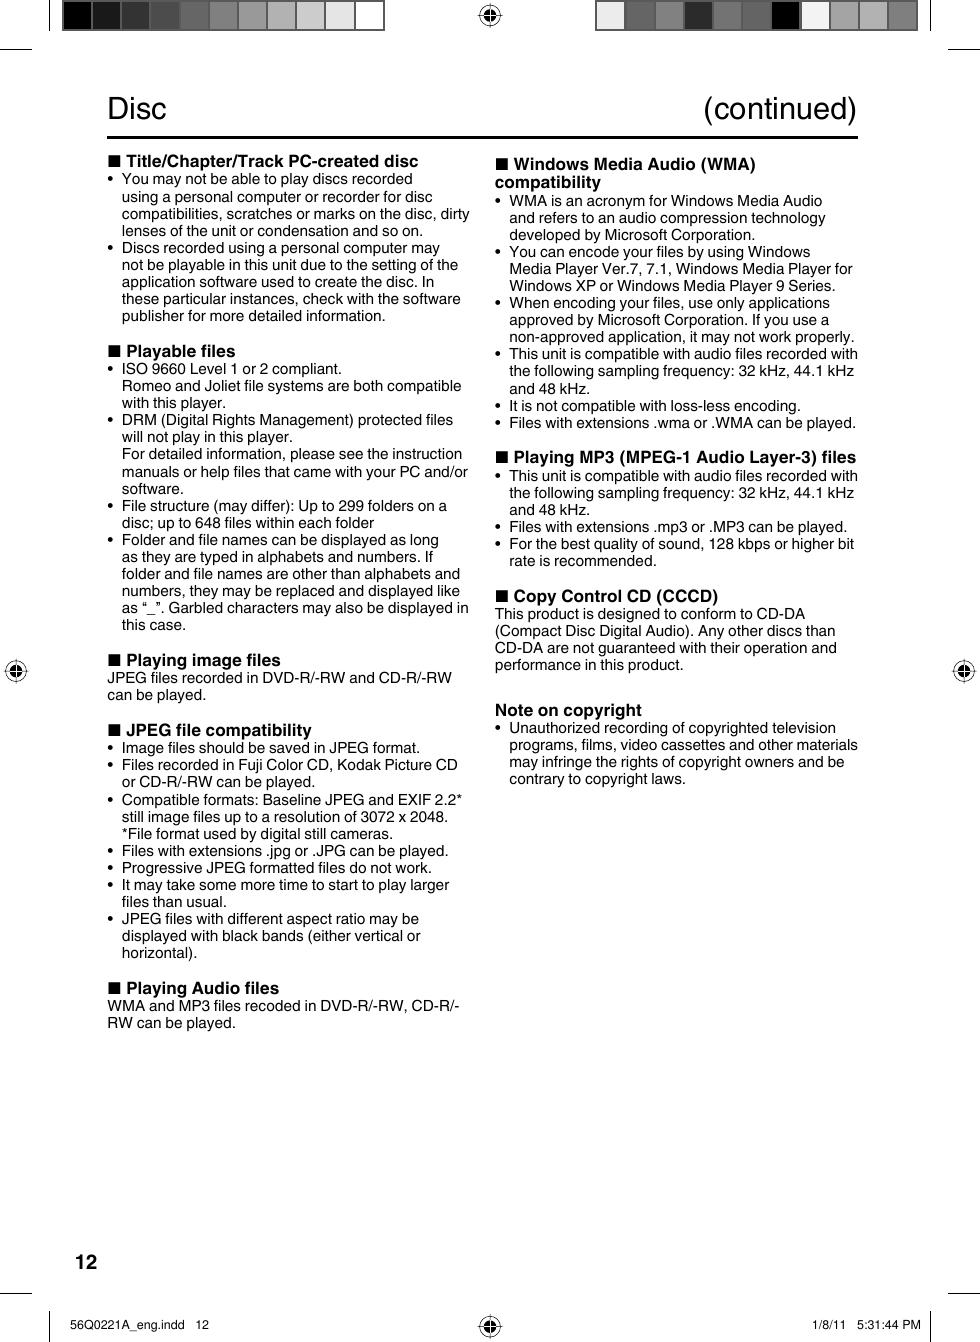 Sanyo Dp26671 Users Manual 56Q0221A_eng